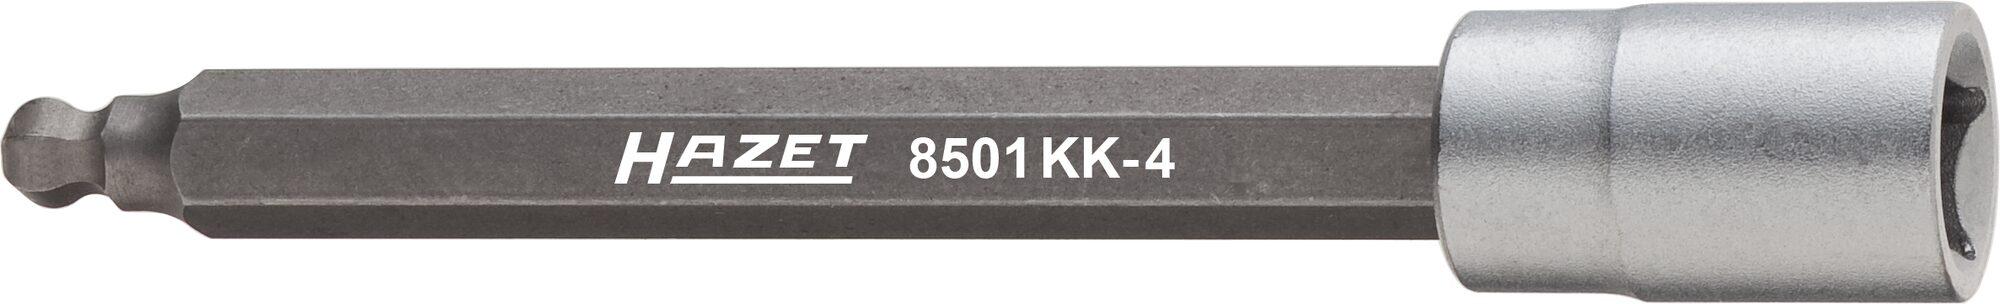 HAZET Drehzahlsensor Kugelkopf Schraubendreher-Steckschlüsseleinsatz 8501KK-4 ∙ Vierkant hohl 6,3 mm (1/4 Zoll) ∙ 4 mm